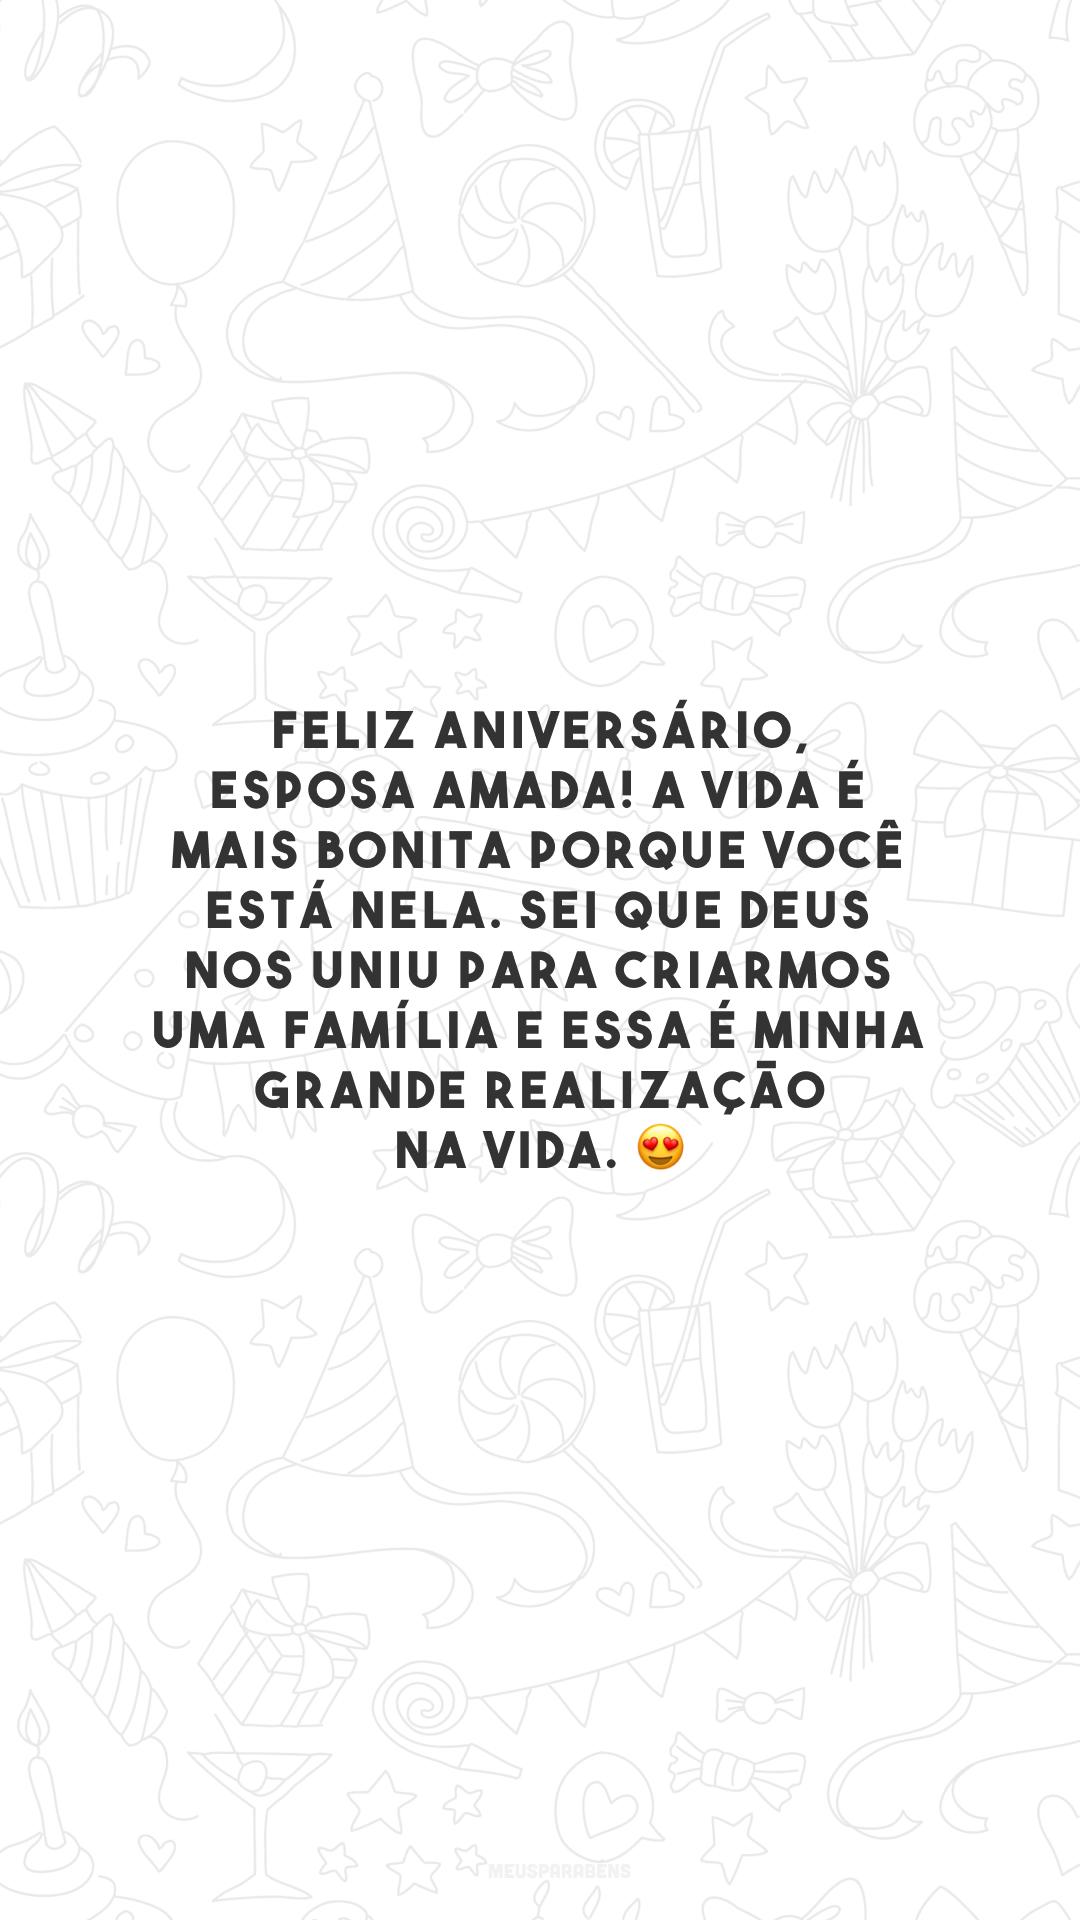 Feliz aniversário, esposa amada! A vida é mais bonita porque você está nela. Sei que Deus nos uniu para criarmos uma família e essa é minha grande realização na vida. 😍